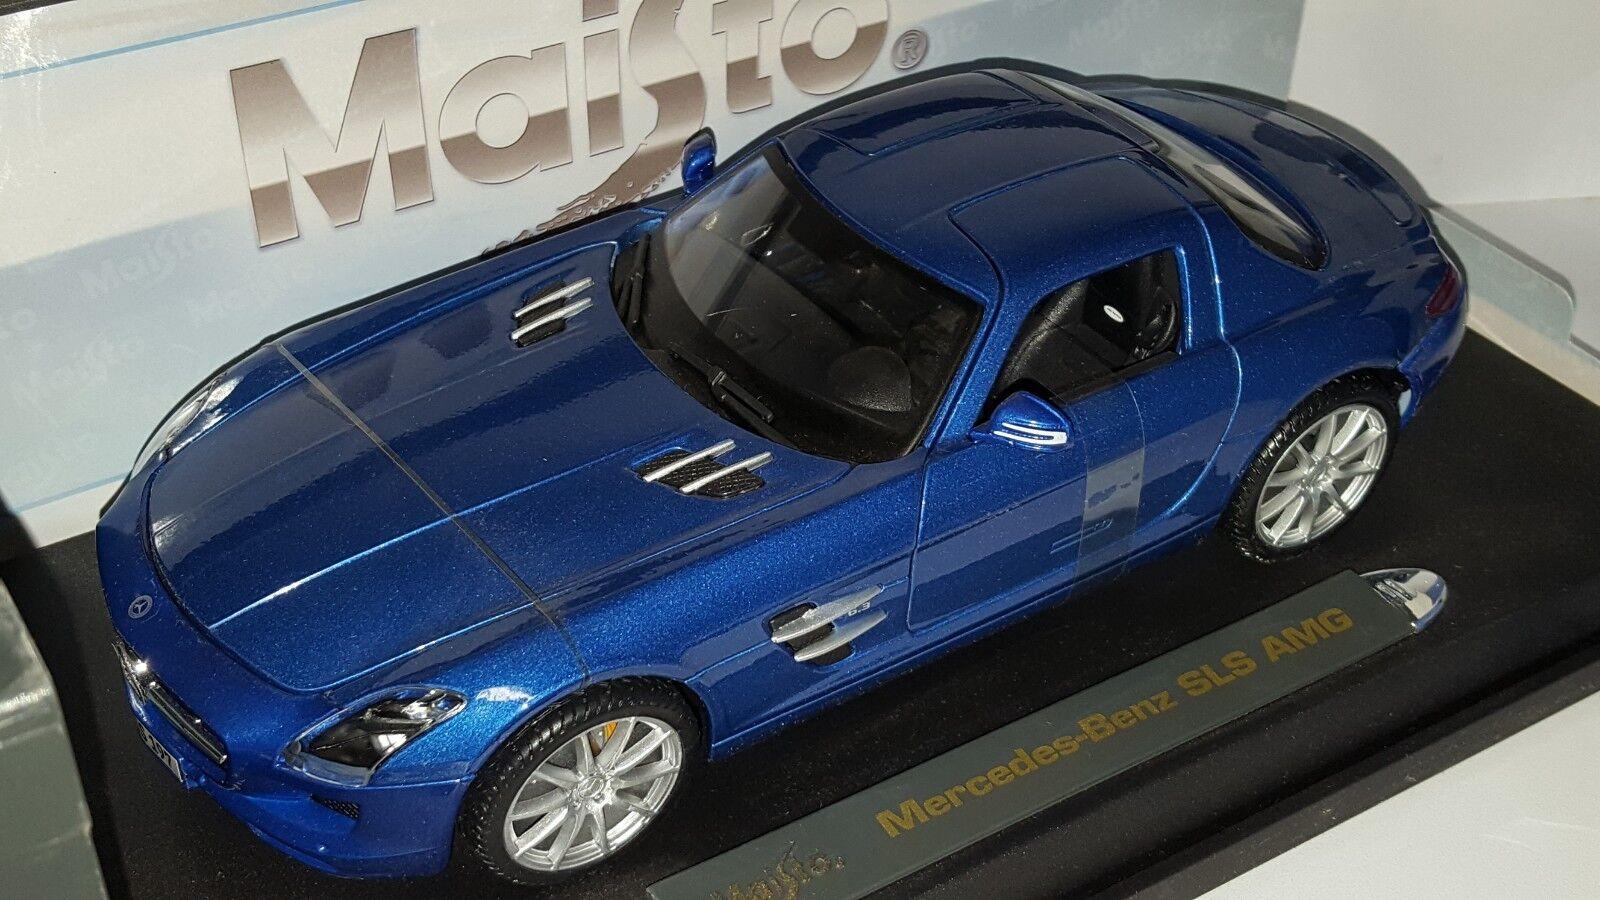 1 18 MAISTO PREMIERE EDITION MERCEDES-BENZ SLS AMG blueE bd